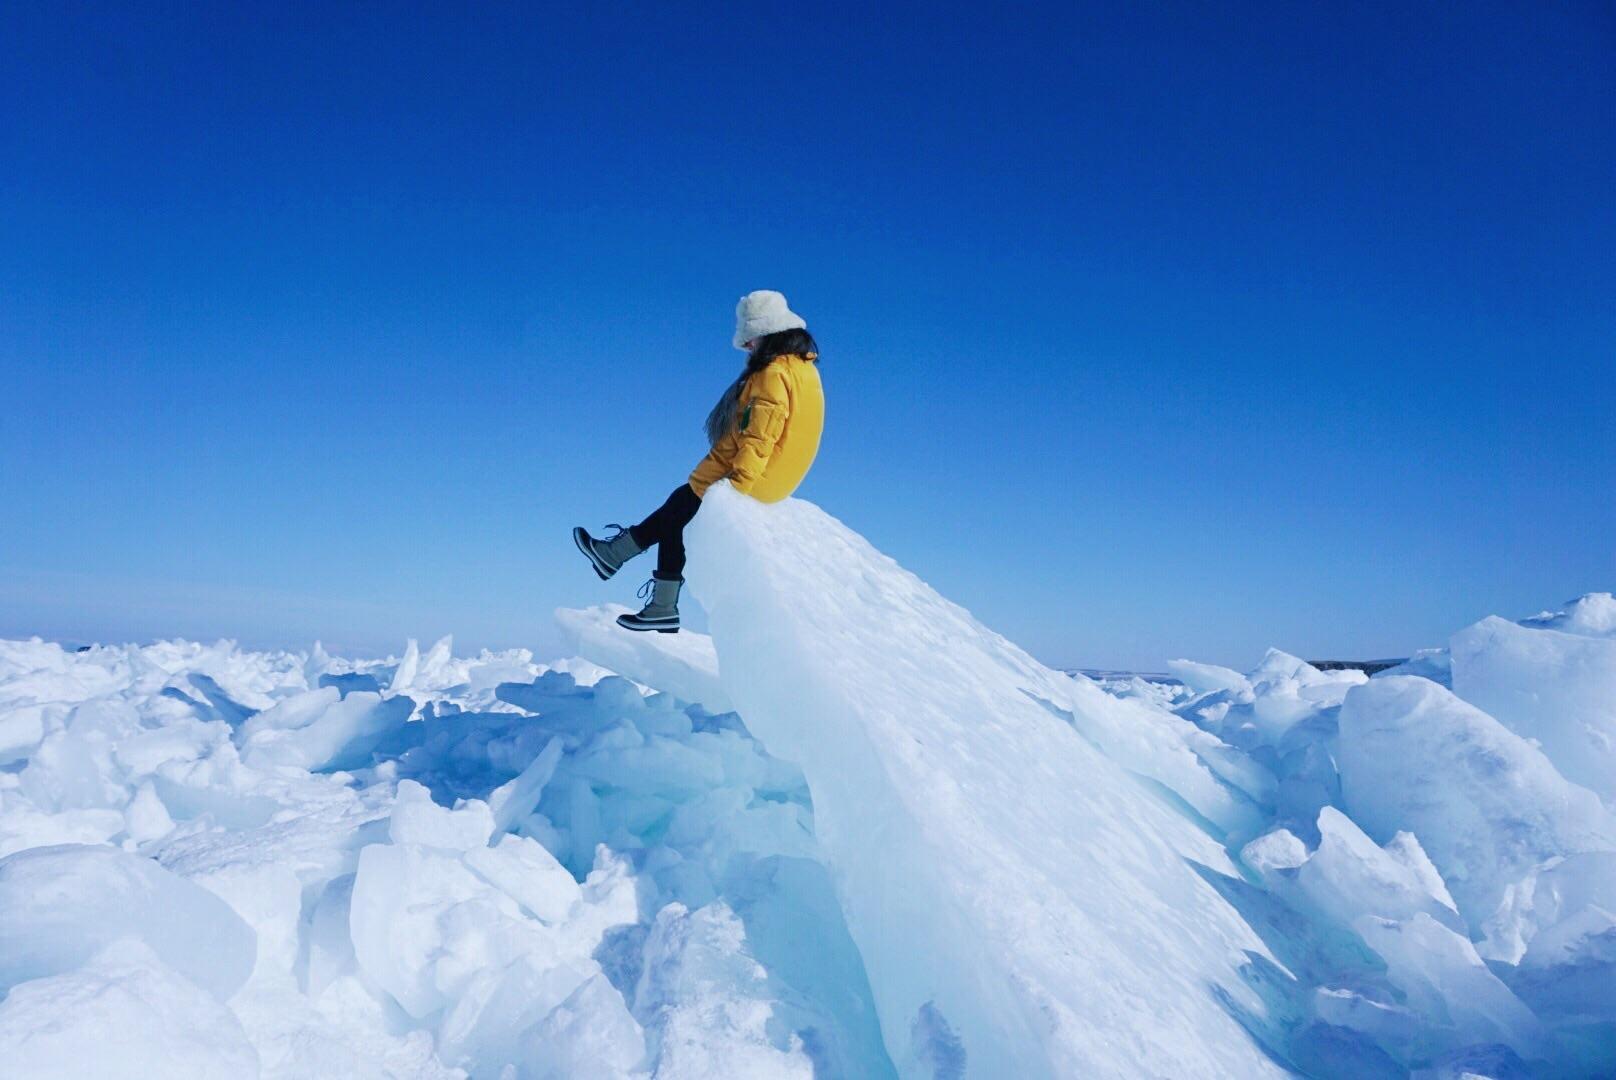 贝加尔湖:冷色调的世界,万物有灵。